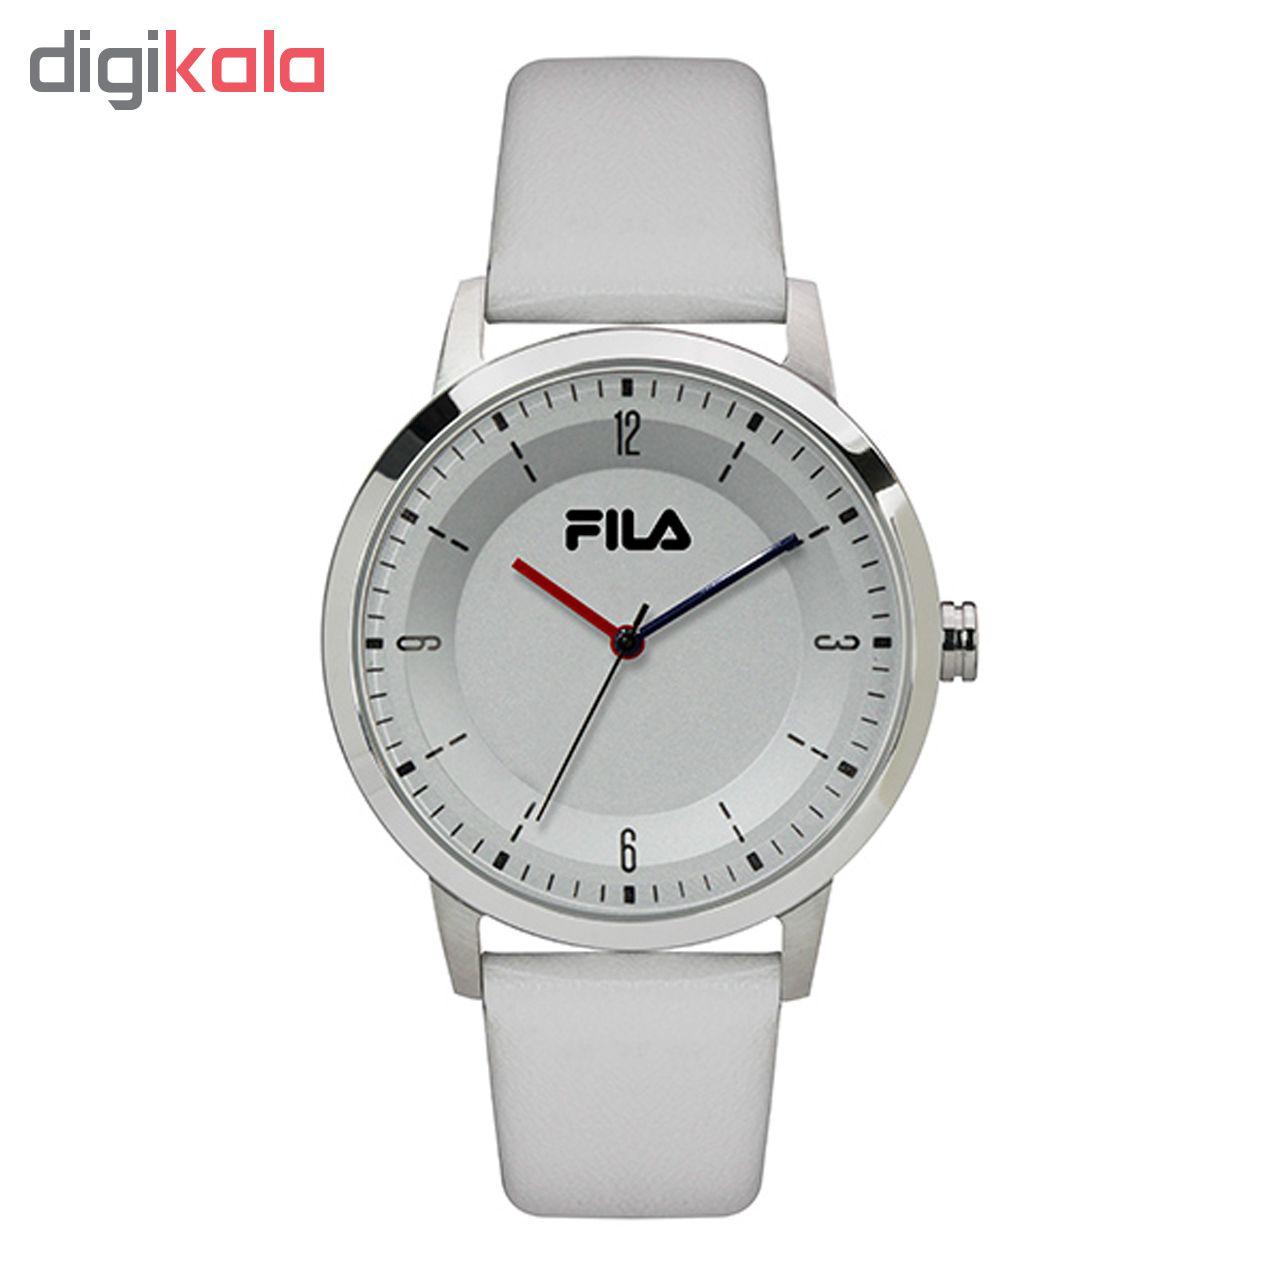 خرید ساعت مچی عقربه ای فیلا مدل 38-153-003